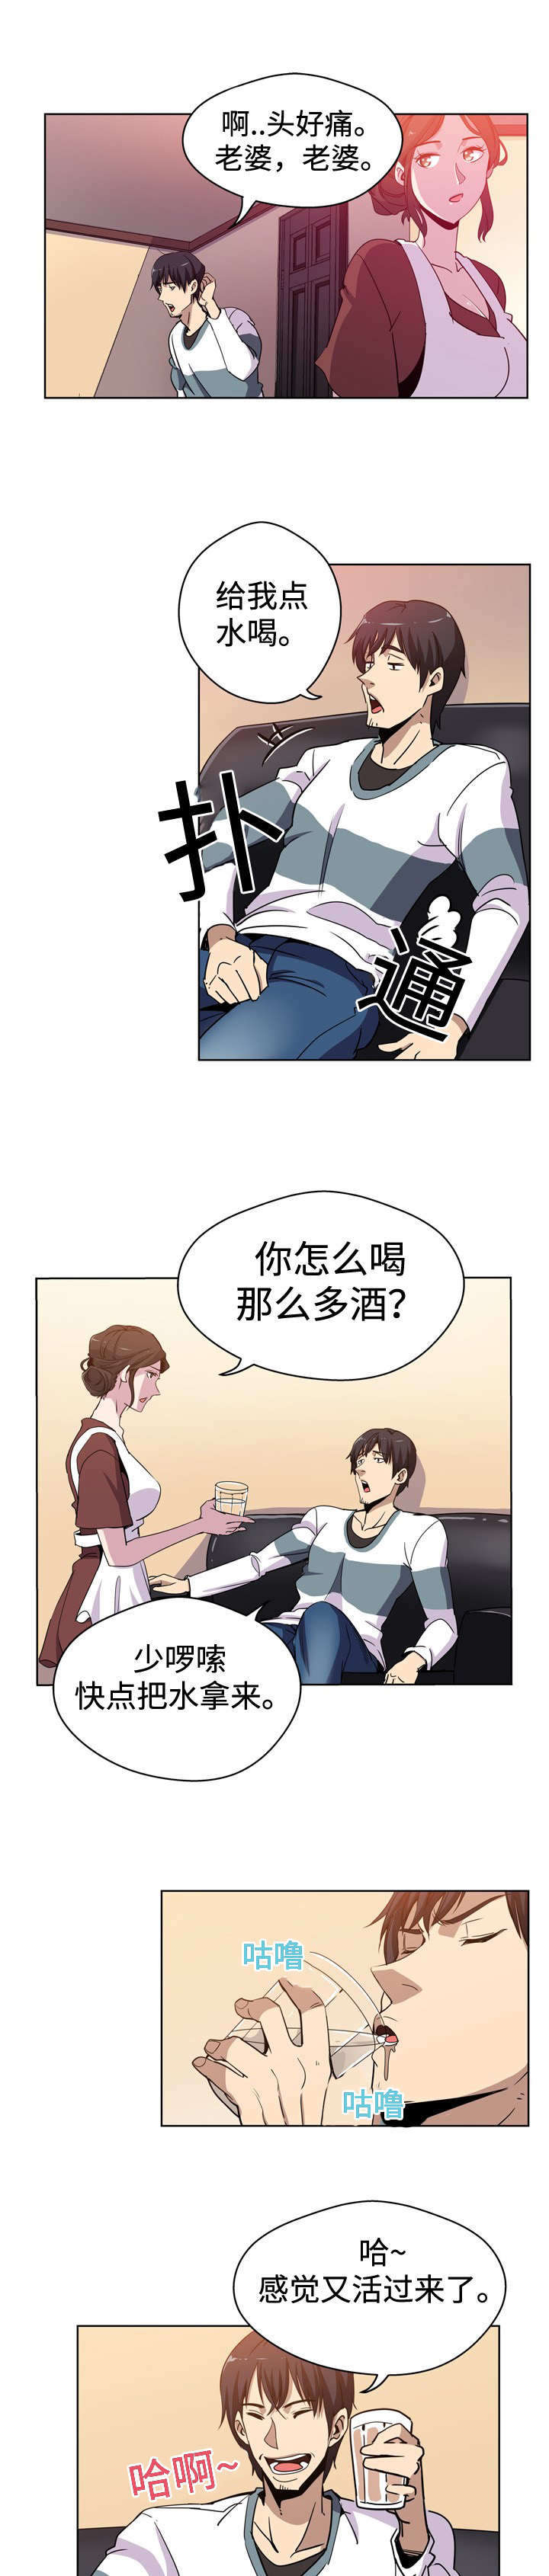 焦点对话漫画免费现在观看-韩漫基地